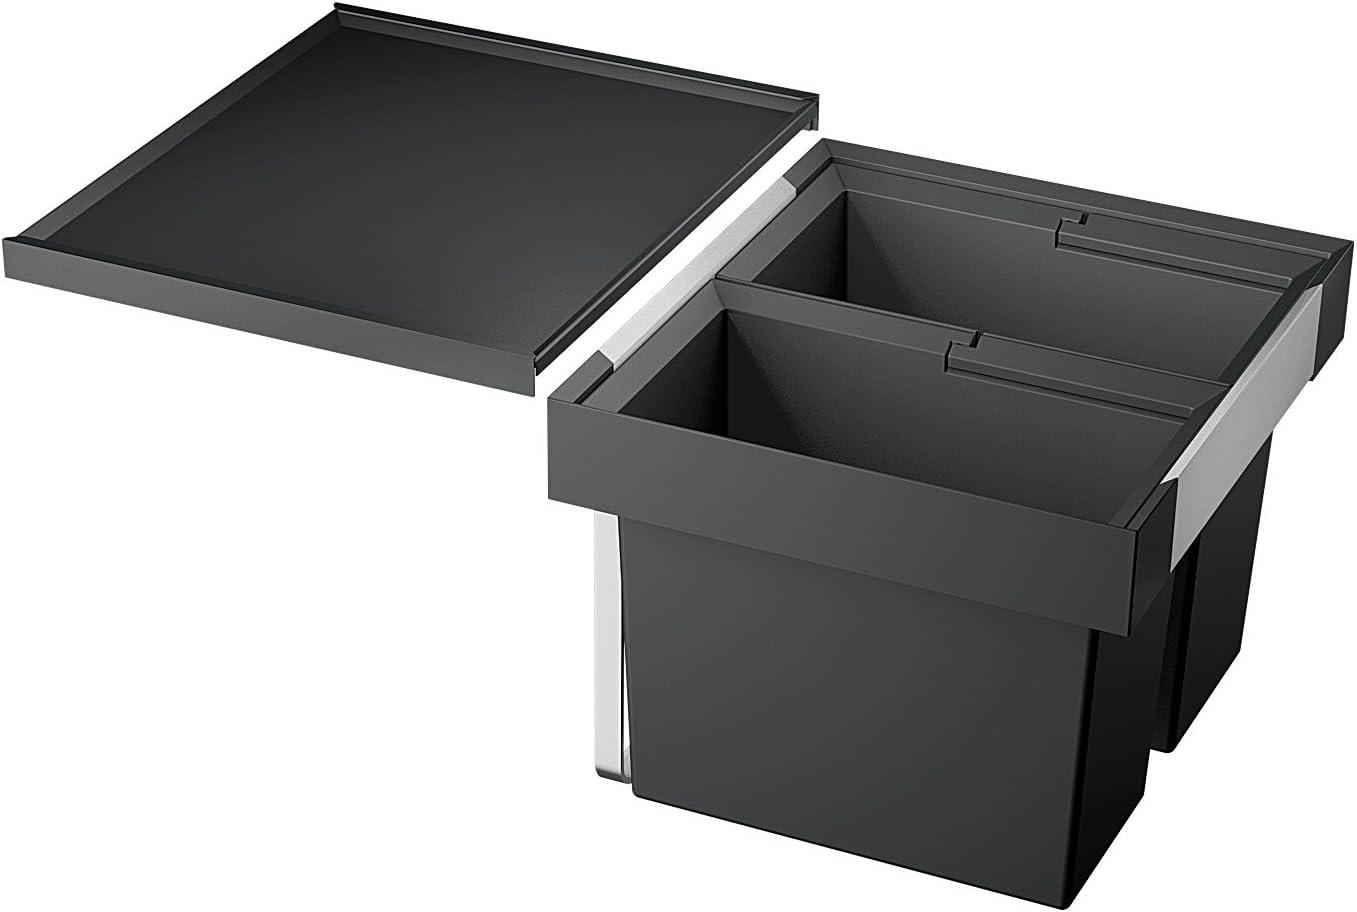 Blanco Flexon II 2000/2000, Abfallsystem für die Mülltrennung in der Küche, mit  2000 Abfalleimern (200 x 200 l / 200 x 20 l), zur Montage in der Schublade eines 2000